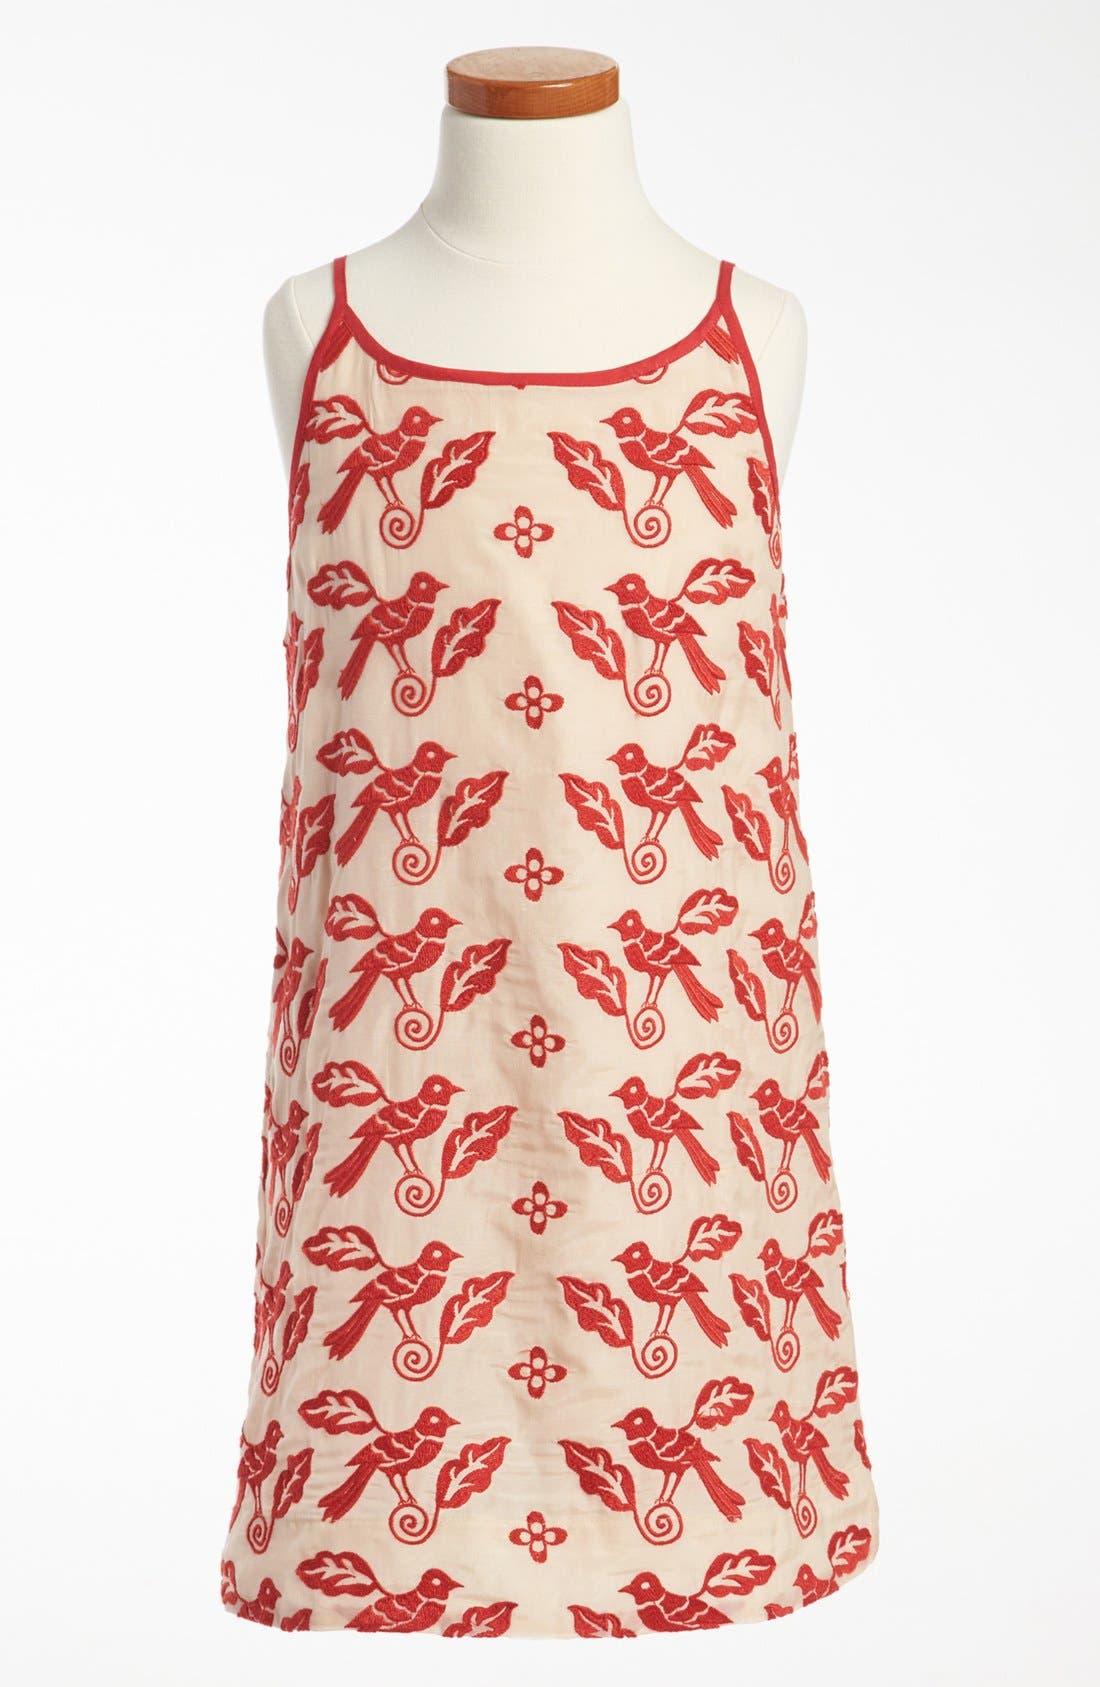 Alternate Image 1 Selected - Peek 'Lara' Dress (Toddler, Little Girls & Big Girls)